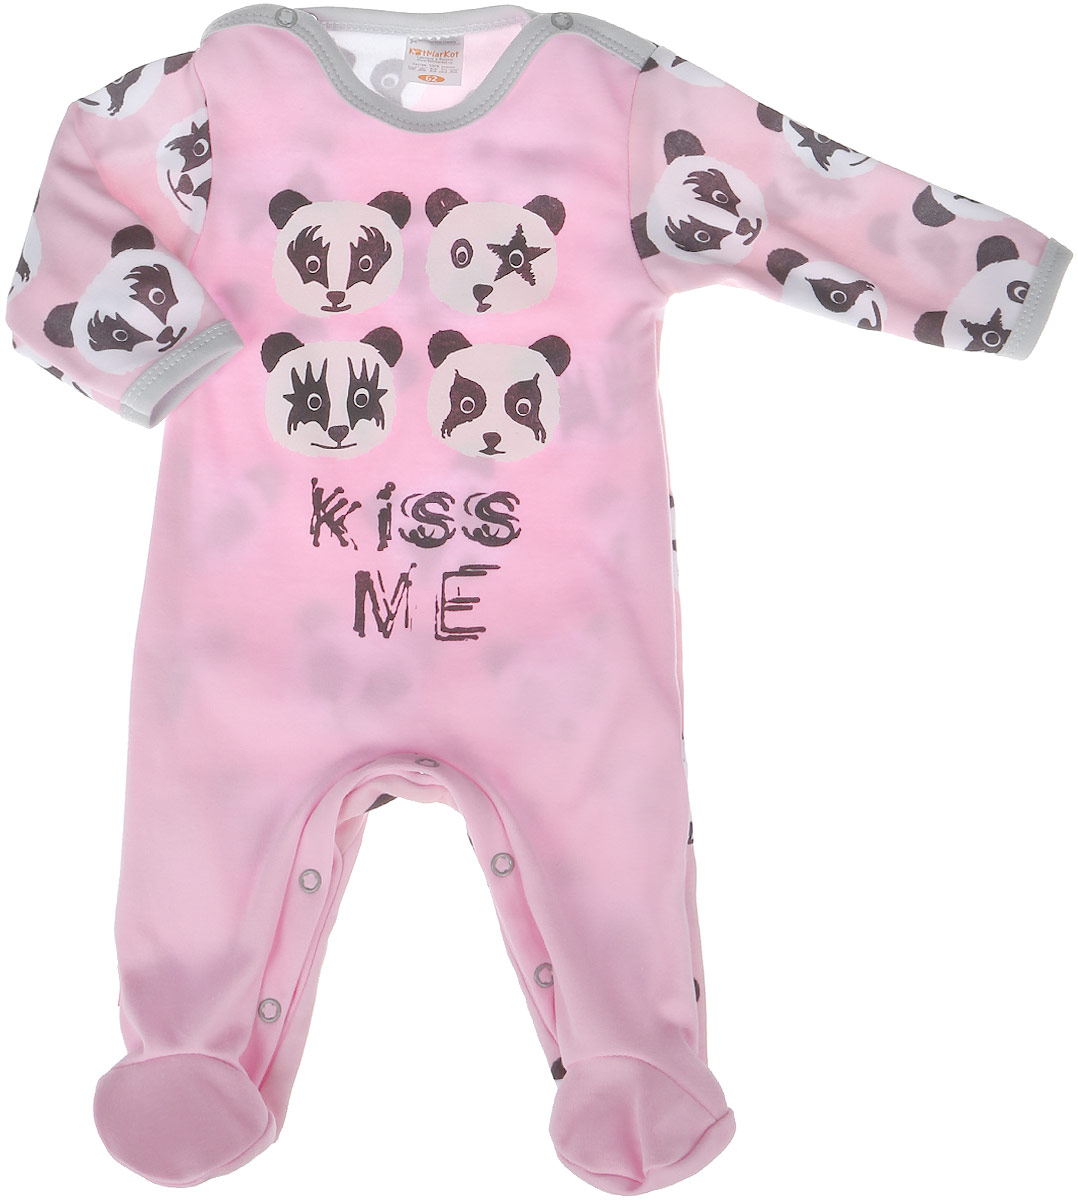 Комбинезон домашний для девочки КотМарКот, цвет: розовый. 6122. Размер 746122Комбинезон домашний для девочки КотМарКот выполнен из качественного материала. Модель с длинными рукавами застегивается на кнопки.